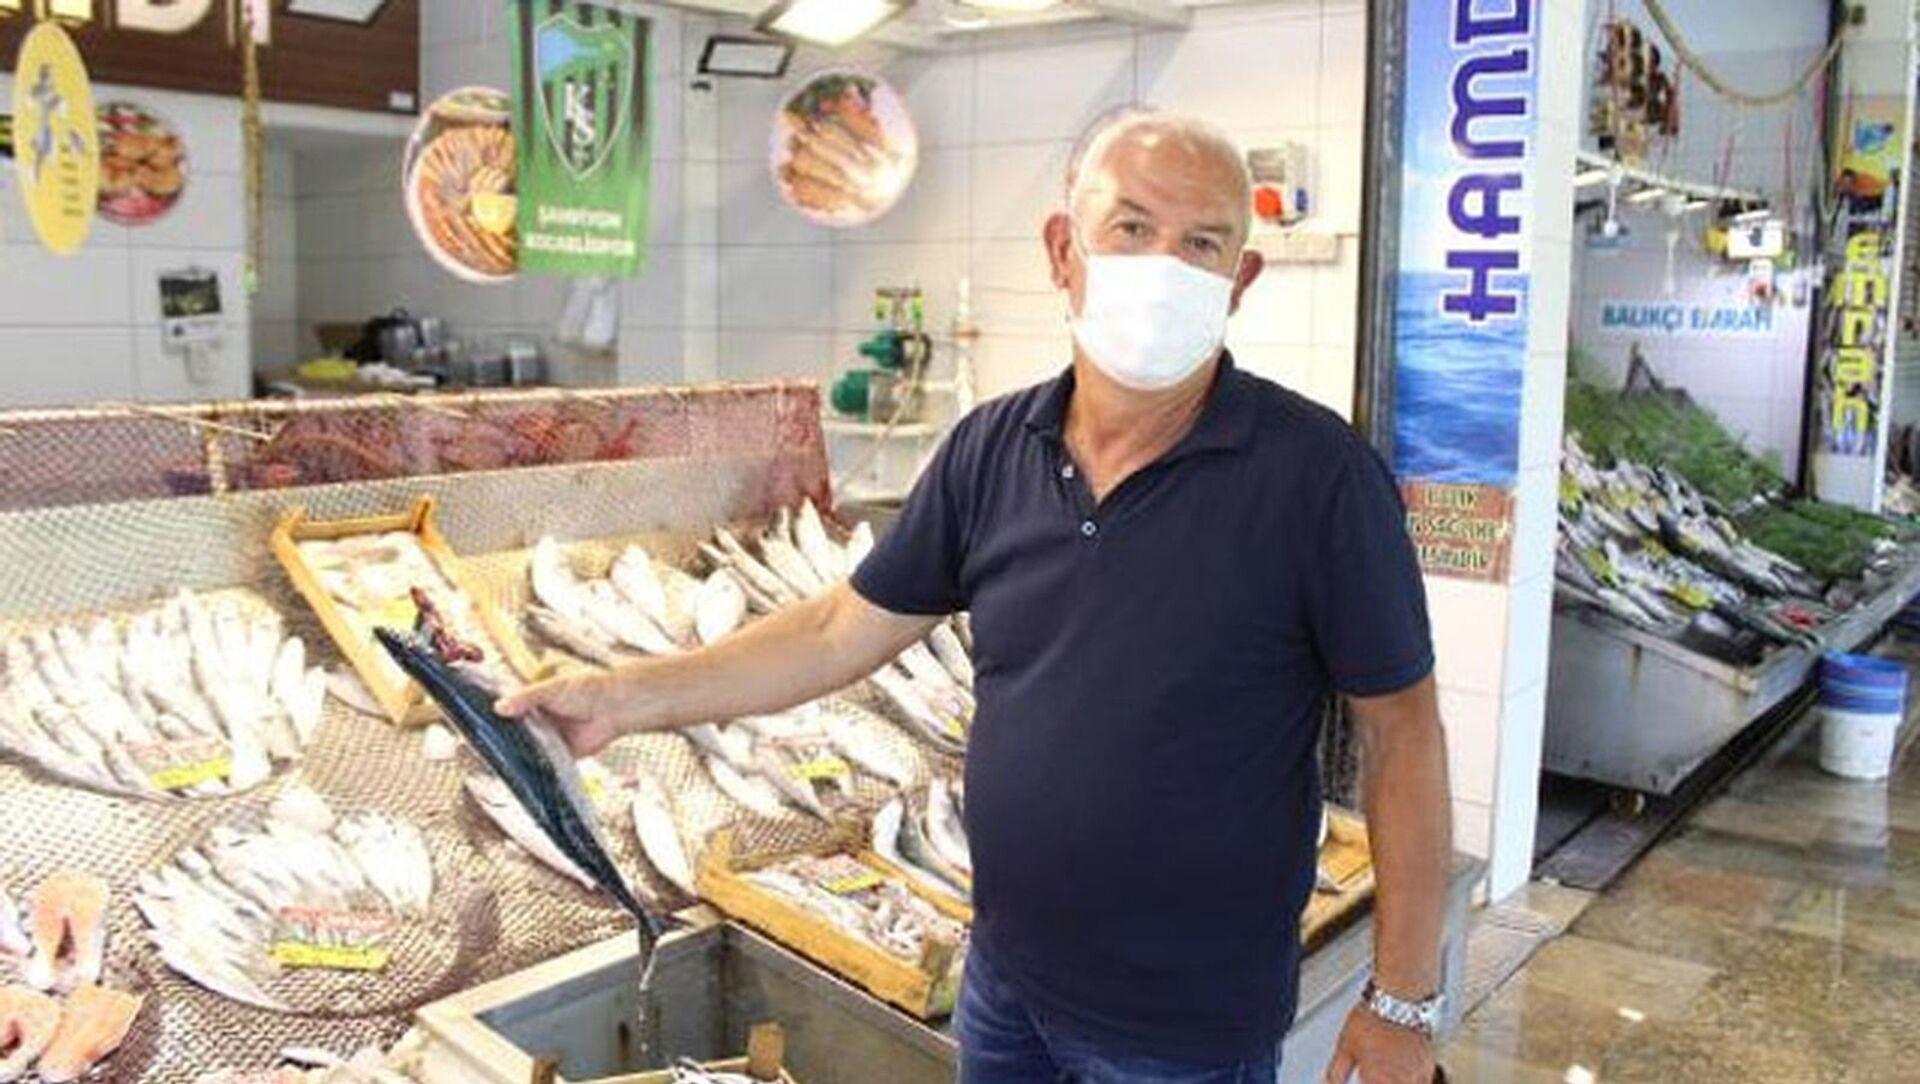 """Marmara'da etkili olan müsilaj, müşterileri Marmara balığından uzaklaştırdı. Balıkçı Kemal Bineklioğlu, """"Müsilajdan dolayı balık pazarına gelen insan sayısı azaldı. Her gelen 'Marmara balığı mı?' diye soruyor, Marmara balığı satmayacağız'' dedi. - Sputnik Türkiye, 1920, 12.06.2021"""